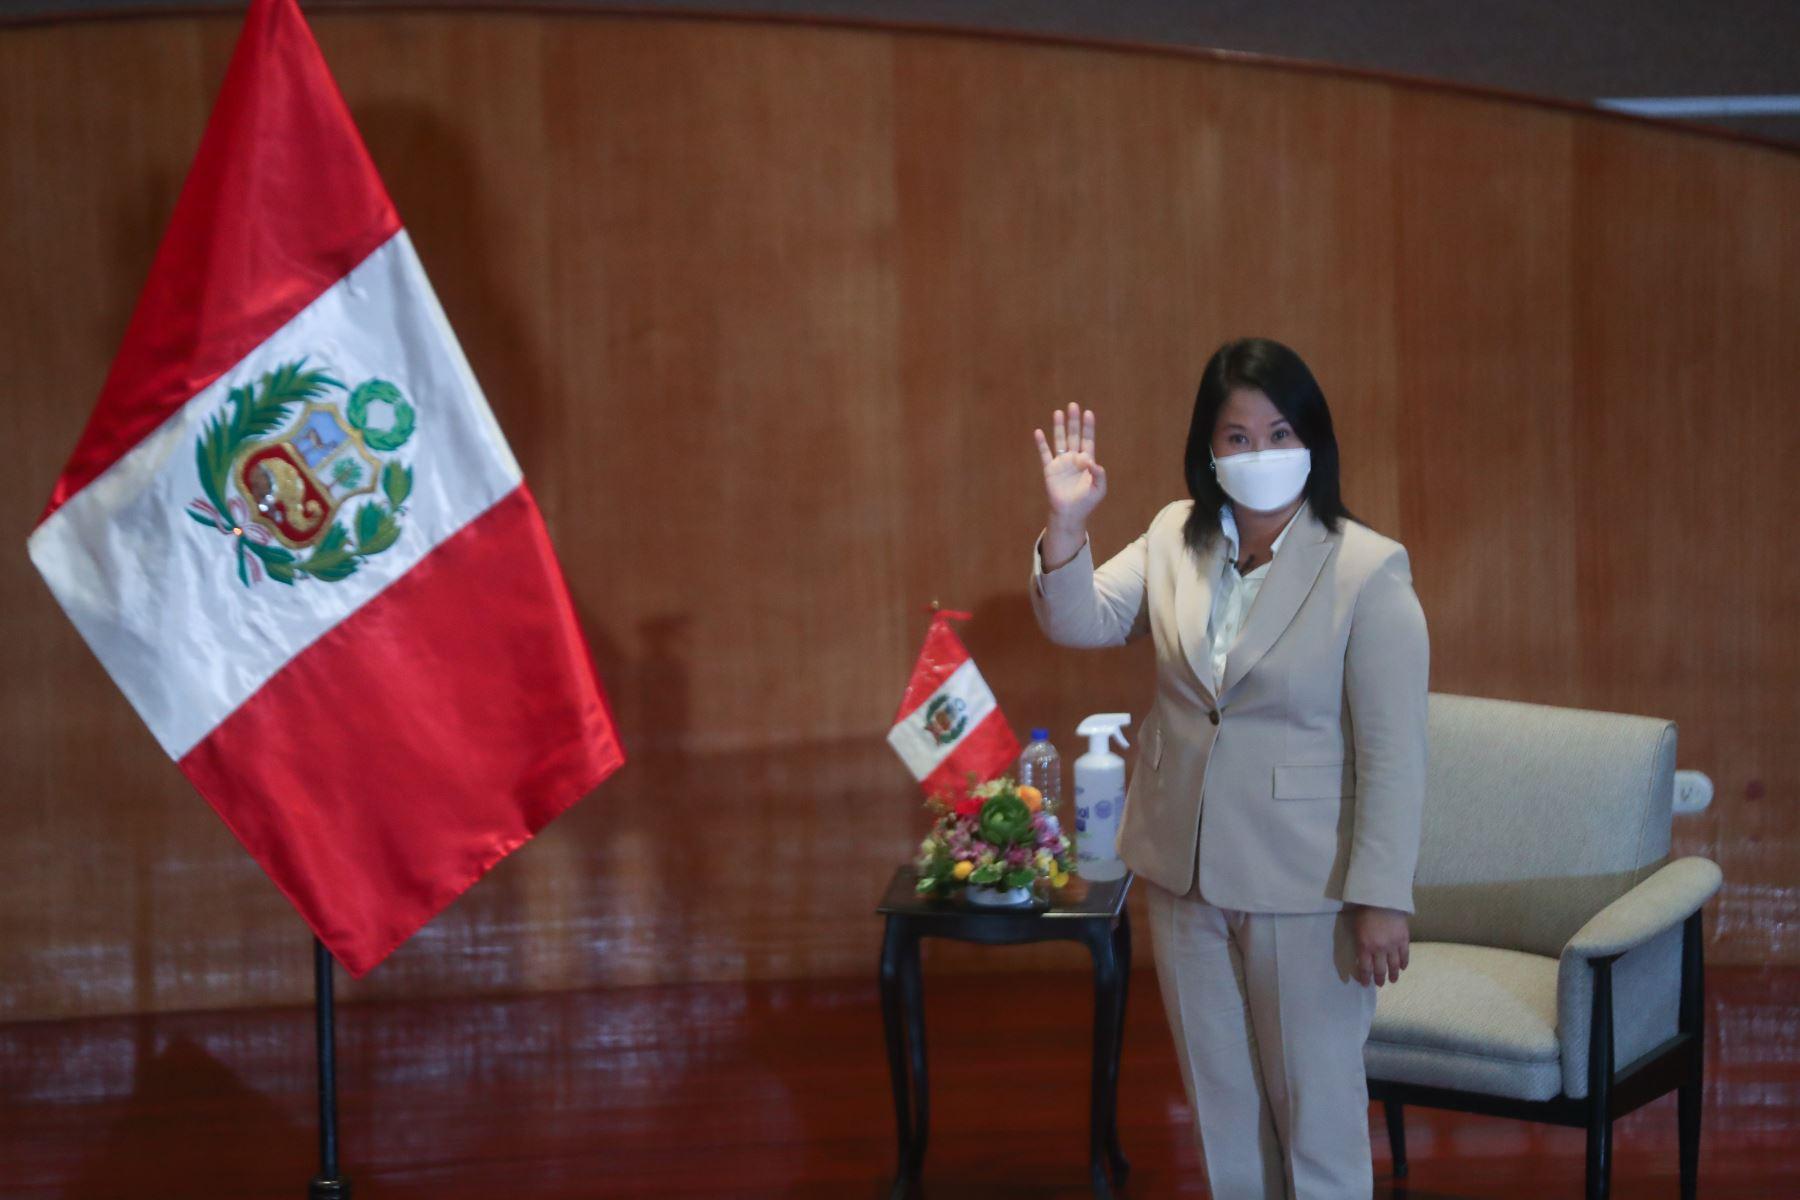 Candidatos a la presidencia de Perú Libre, Pedro Castillo, y de Fuerza Popular, Keiko Fujimori, firman el compromiso de cumplir con los 12 puntos expuestos en la Proclama Ciudadana - Juramento por la Democracia. En el auditorio del Colegio Médico del Perú. Foto: ANDINA/Carla Patiño